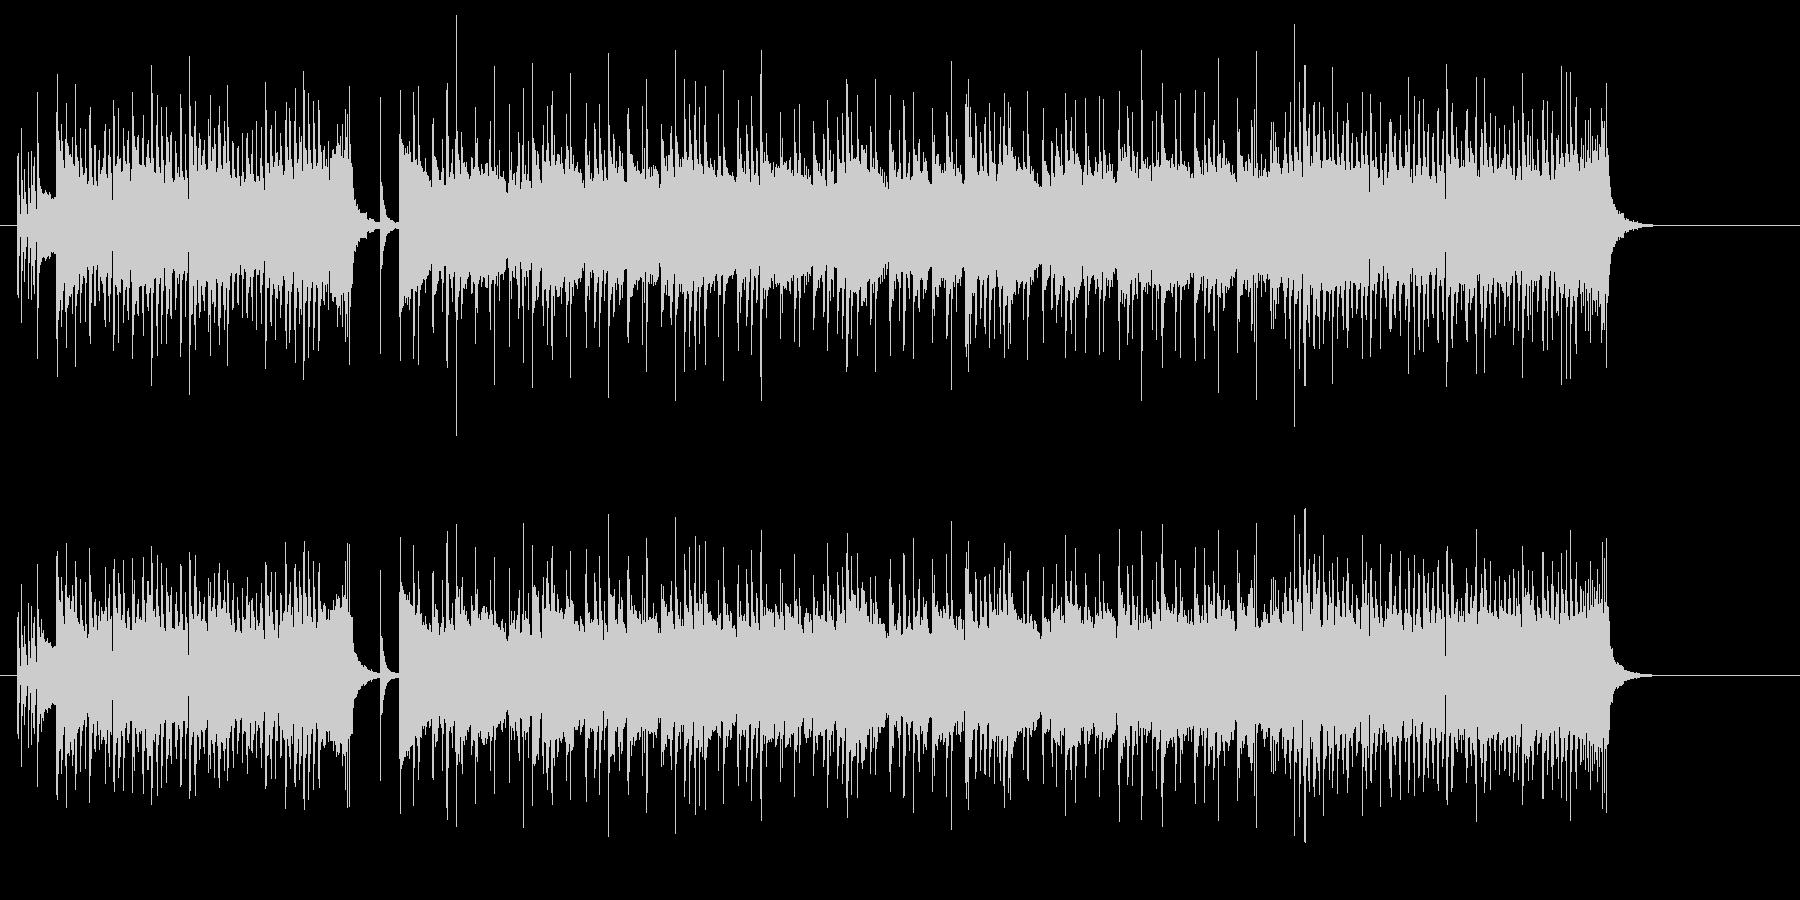 フュージョン・ギター・サウンドの未再生の波形